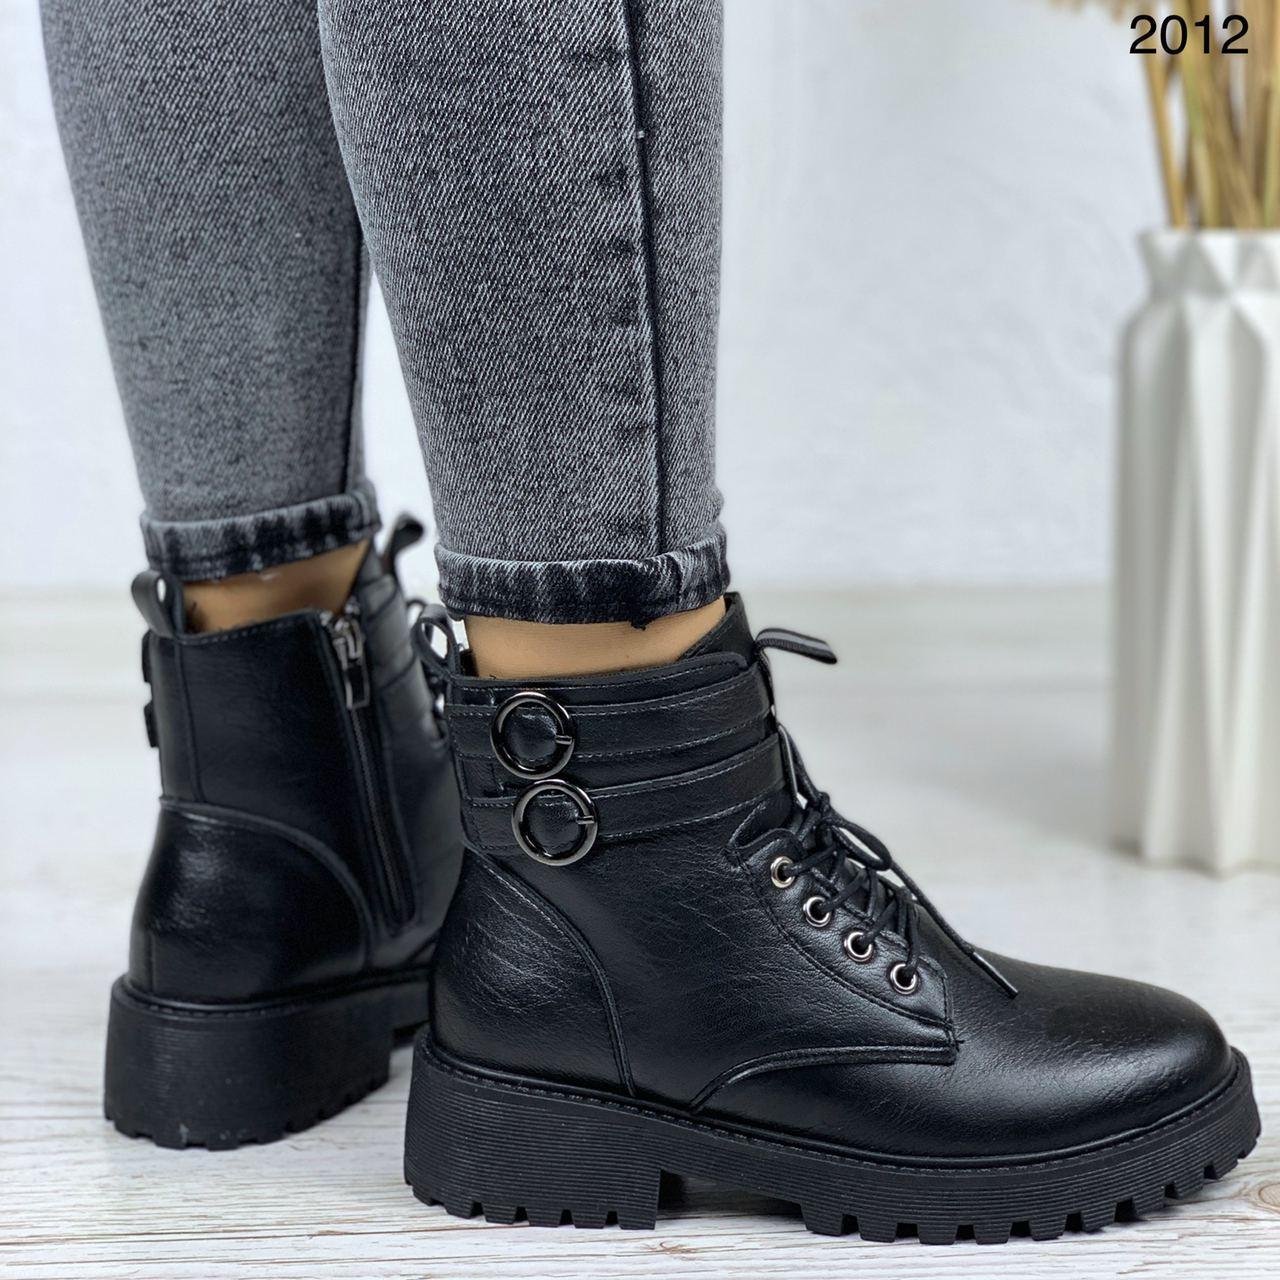 Женские ботинки ЗИМА черные с ремешком на шнуровке эко кожа